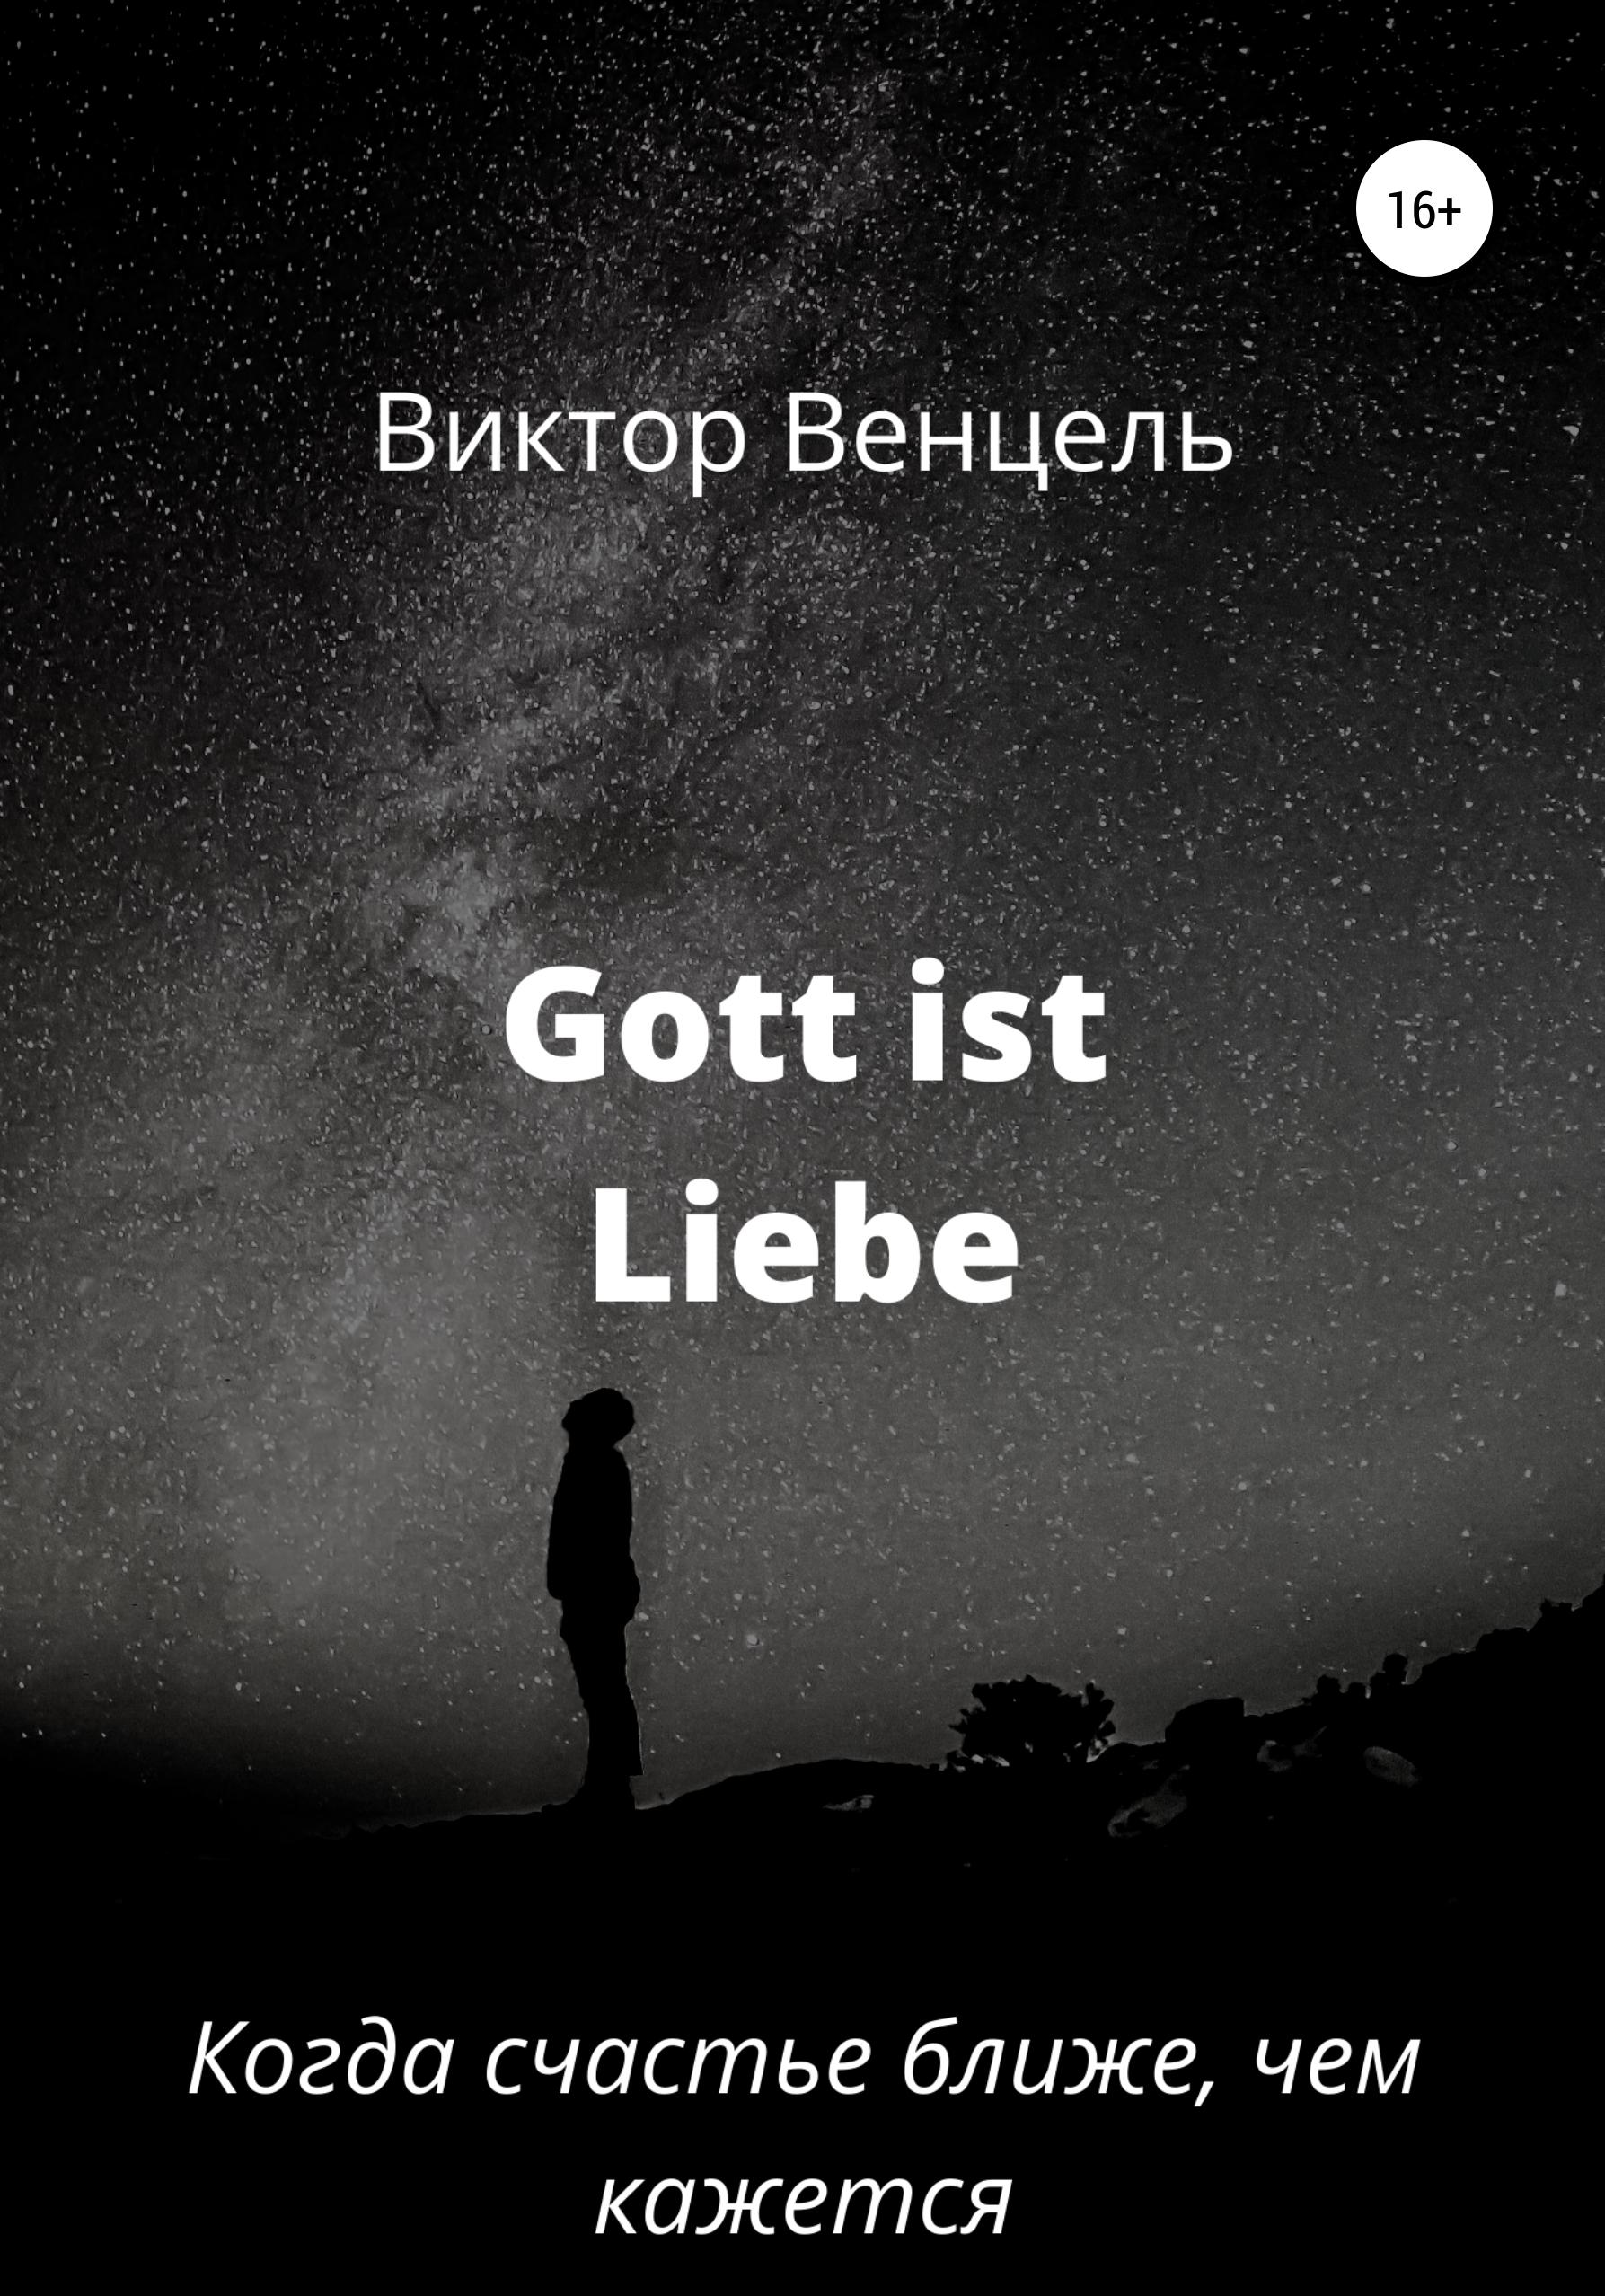 Купить книгу Gott ist Liebe, автора Виктора Доминика Венцеля